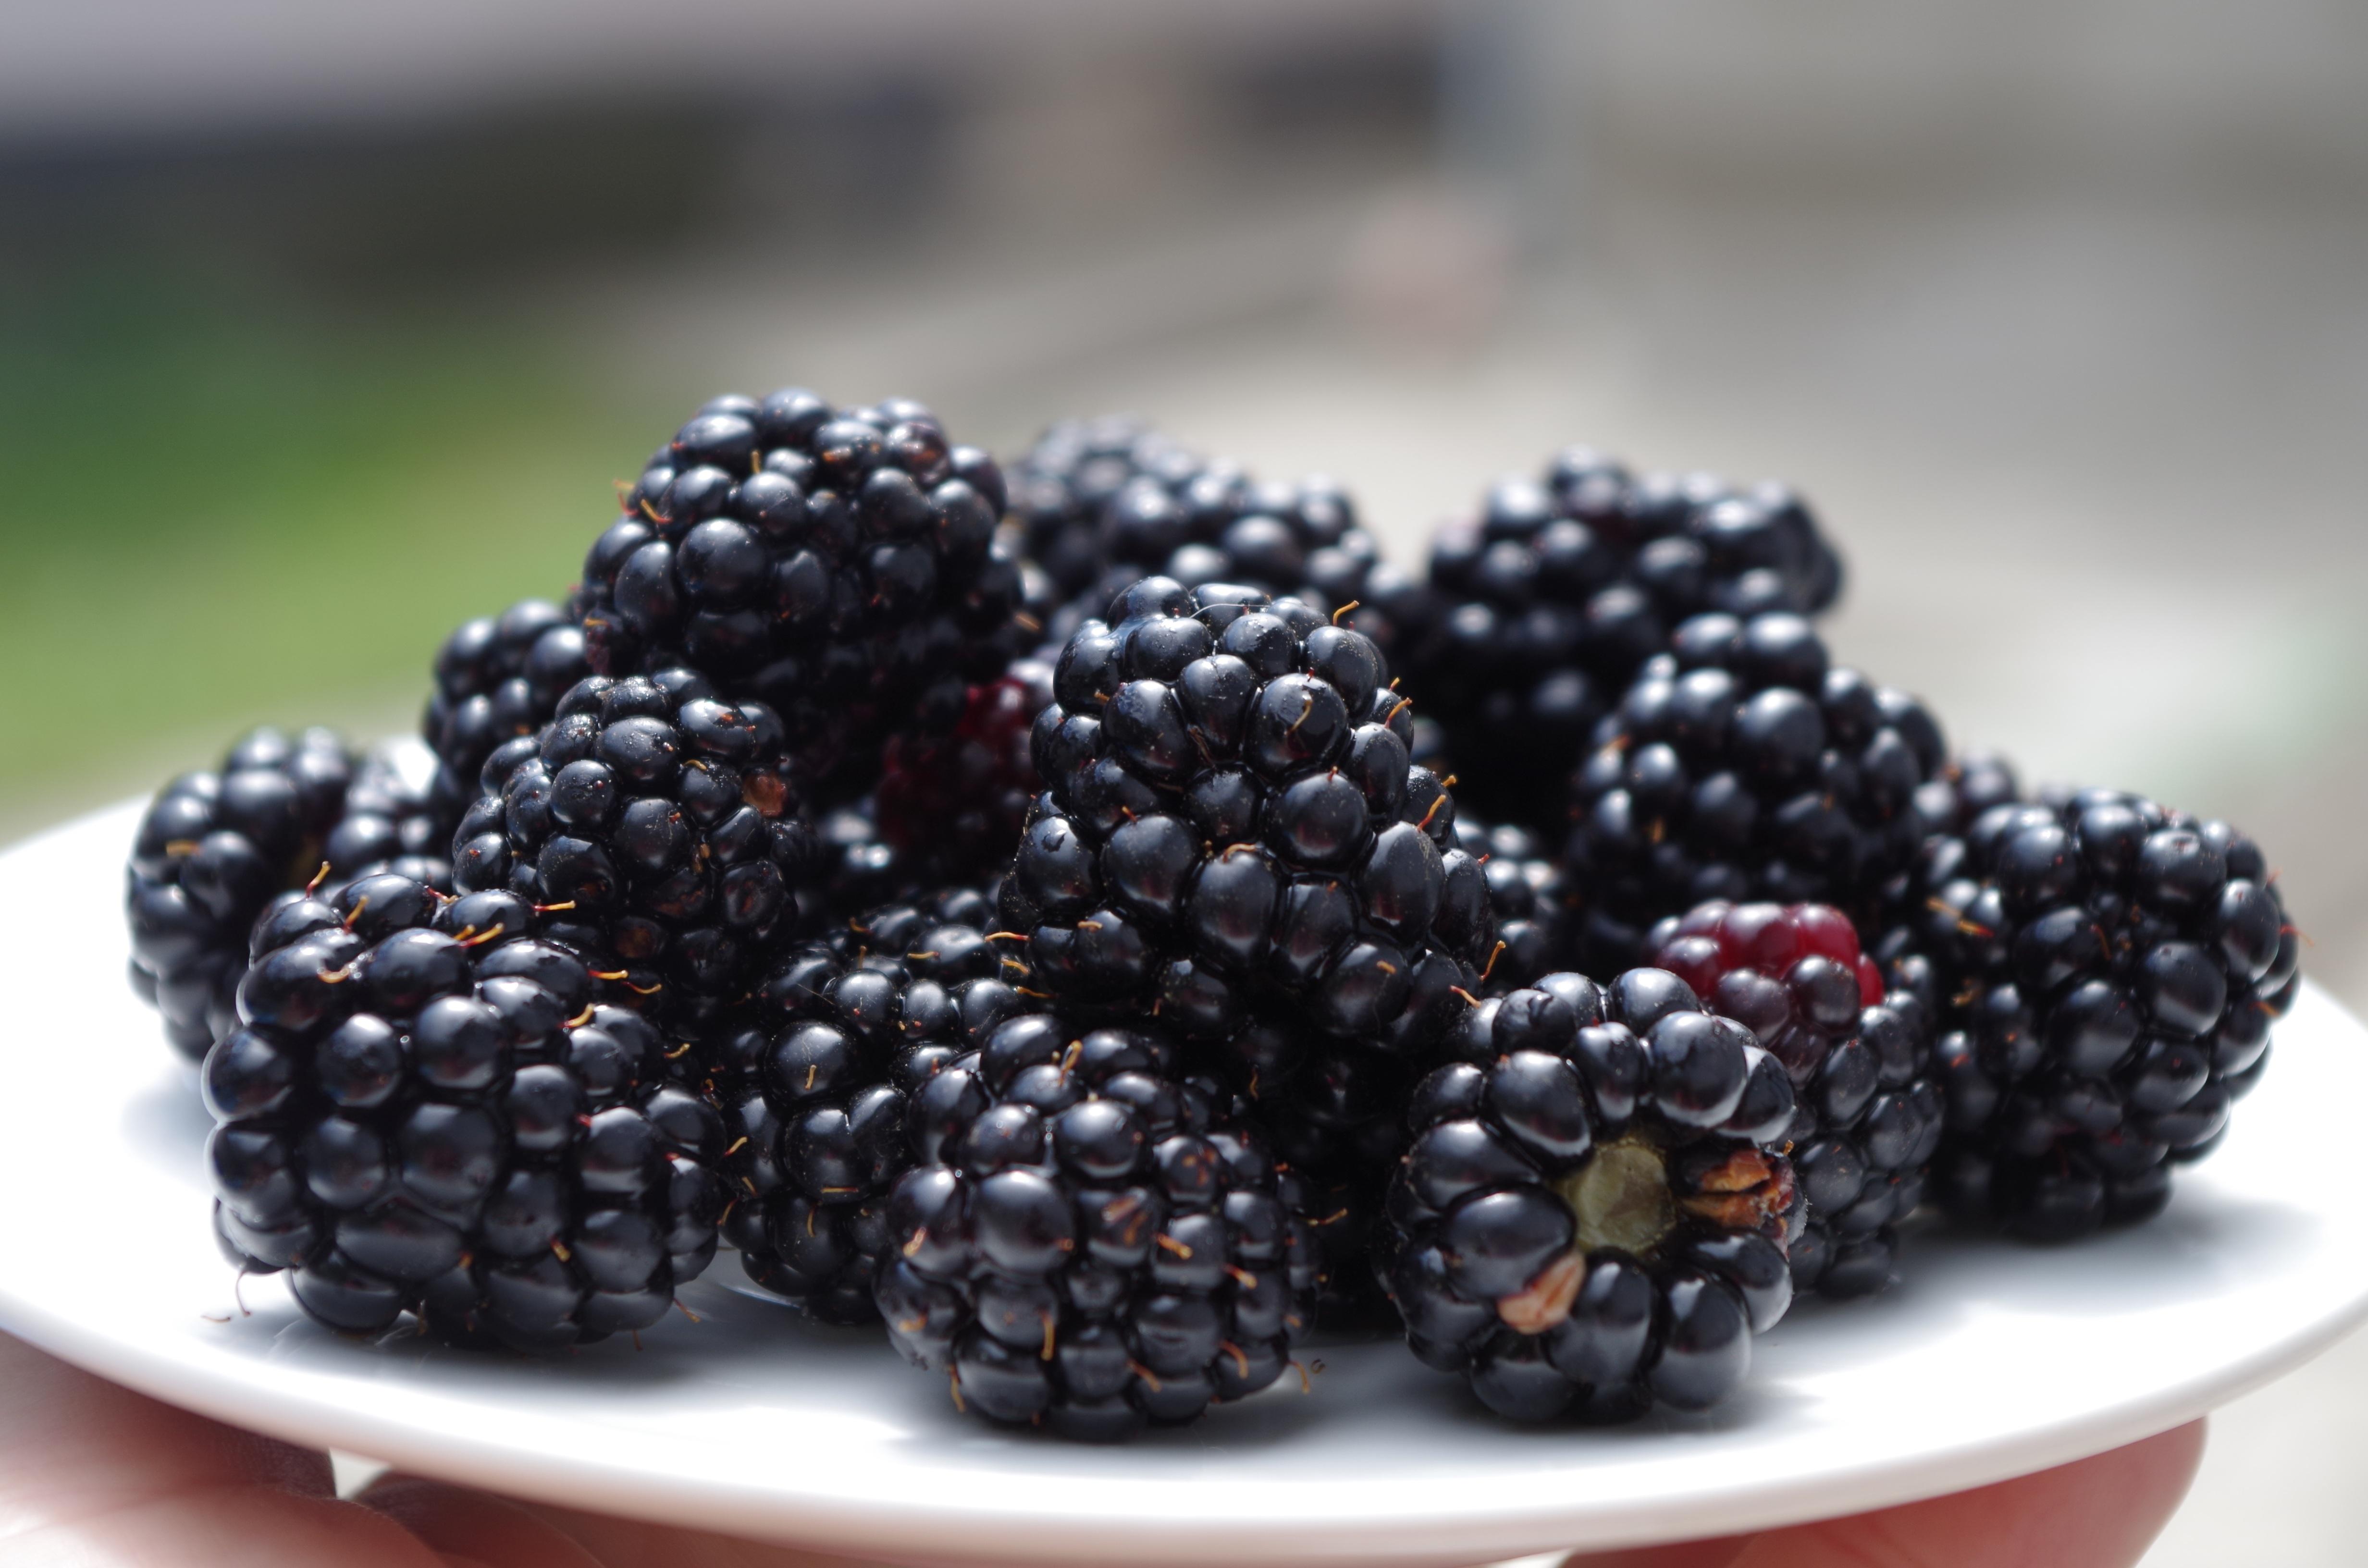 66773 Hintergrundbild herunterladen Berries, Lebensmittel, Blackberry, Teller, Reif - Bildschirmschoner und Bilder kostenlos